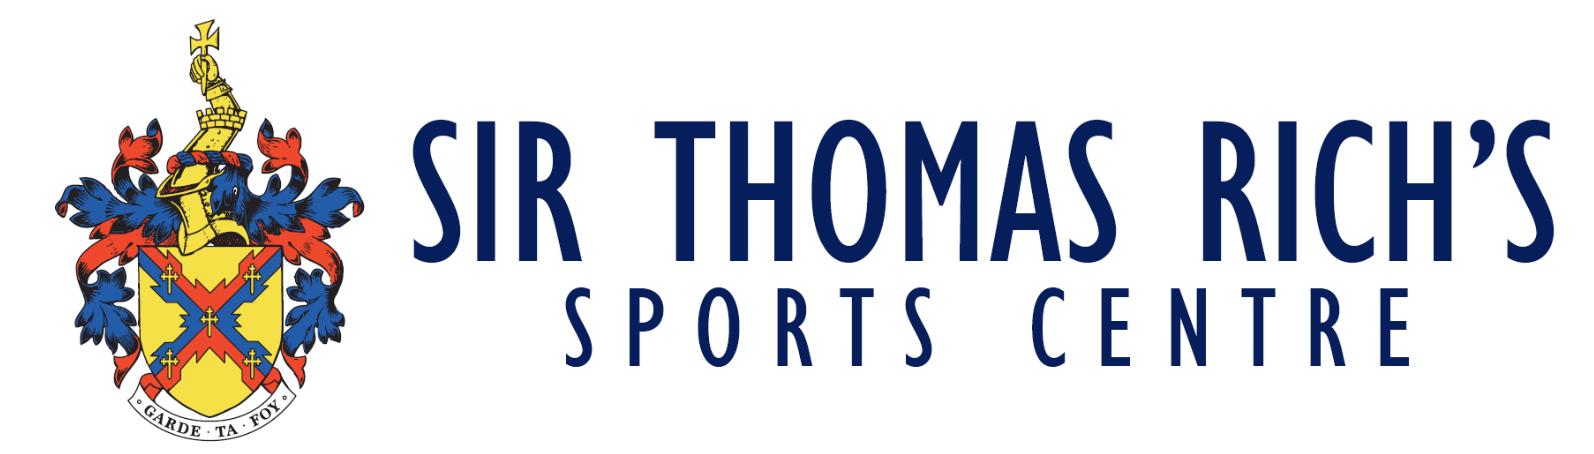 Sir Thomas Rich's